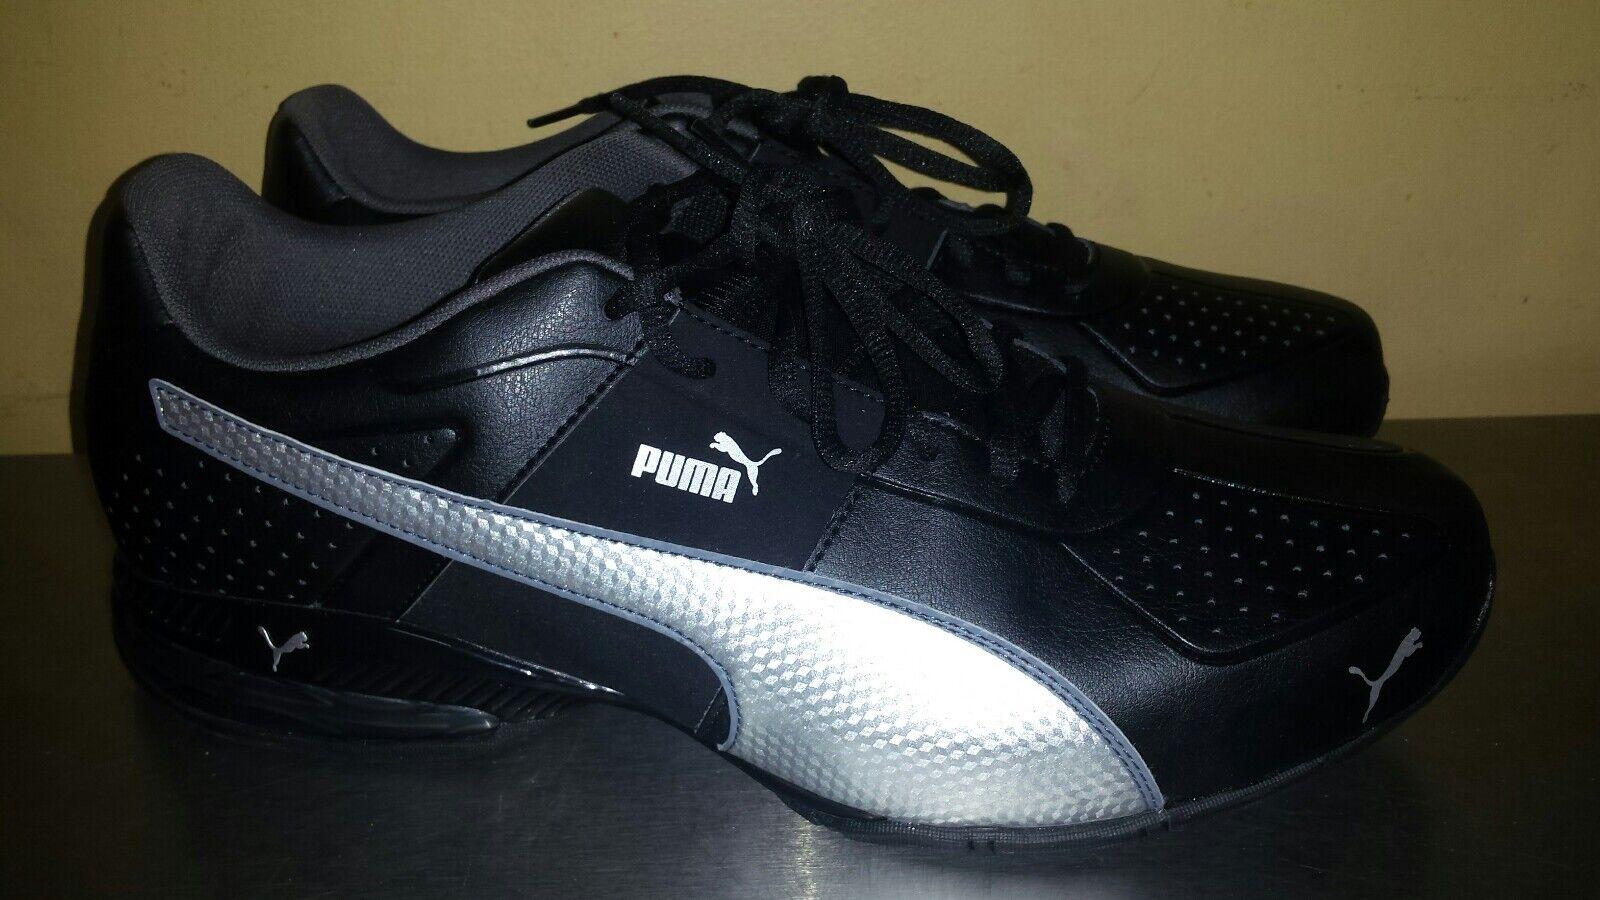 Puma Cell  Surin 2 FM Zapatos  Cell para hombre negro plata tenis Para Correr Atlético 5e12c1